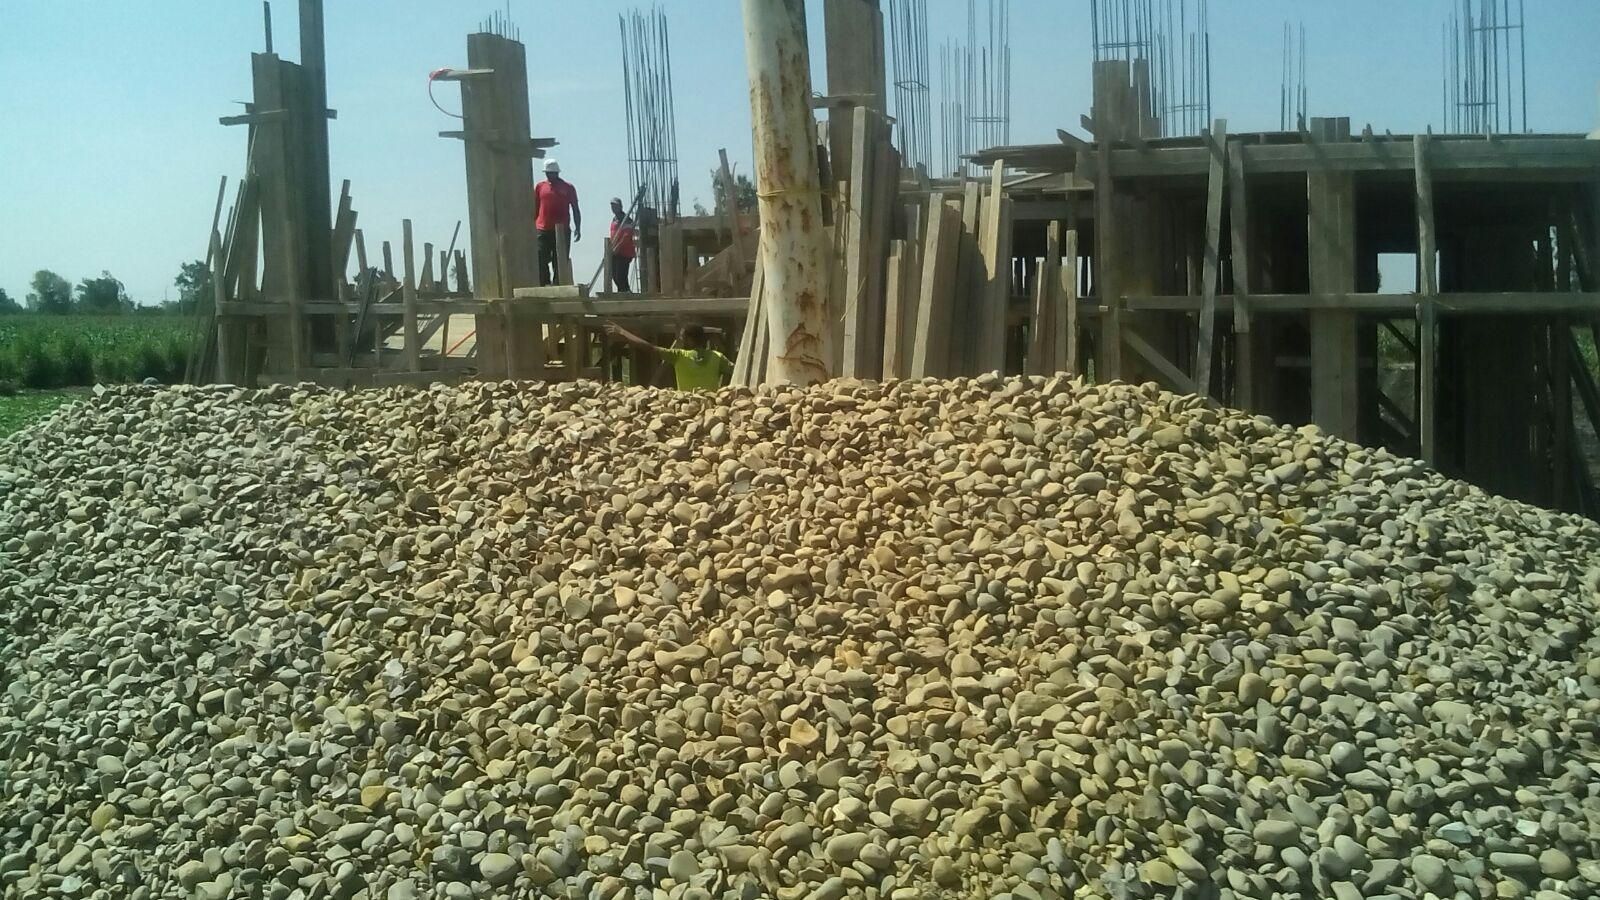 بالصور.. تعديات على الأراضي الزراعية في كفر الشيخ